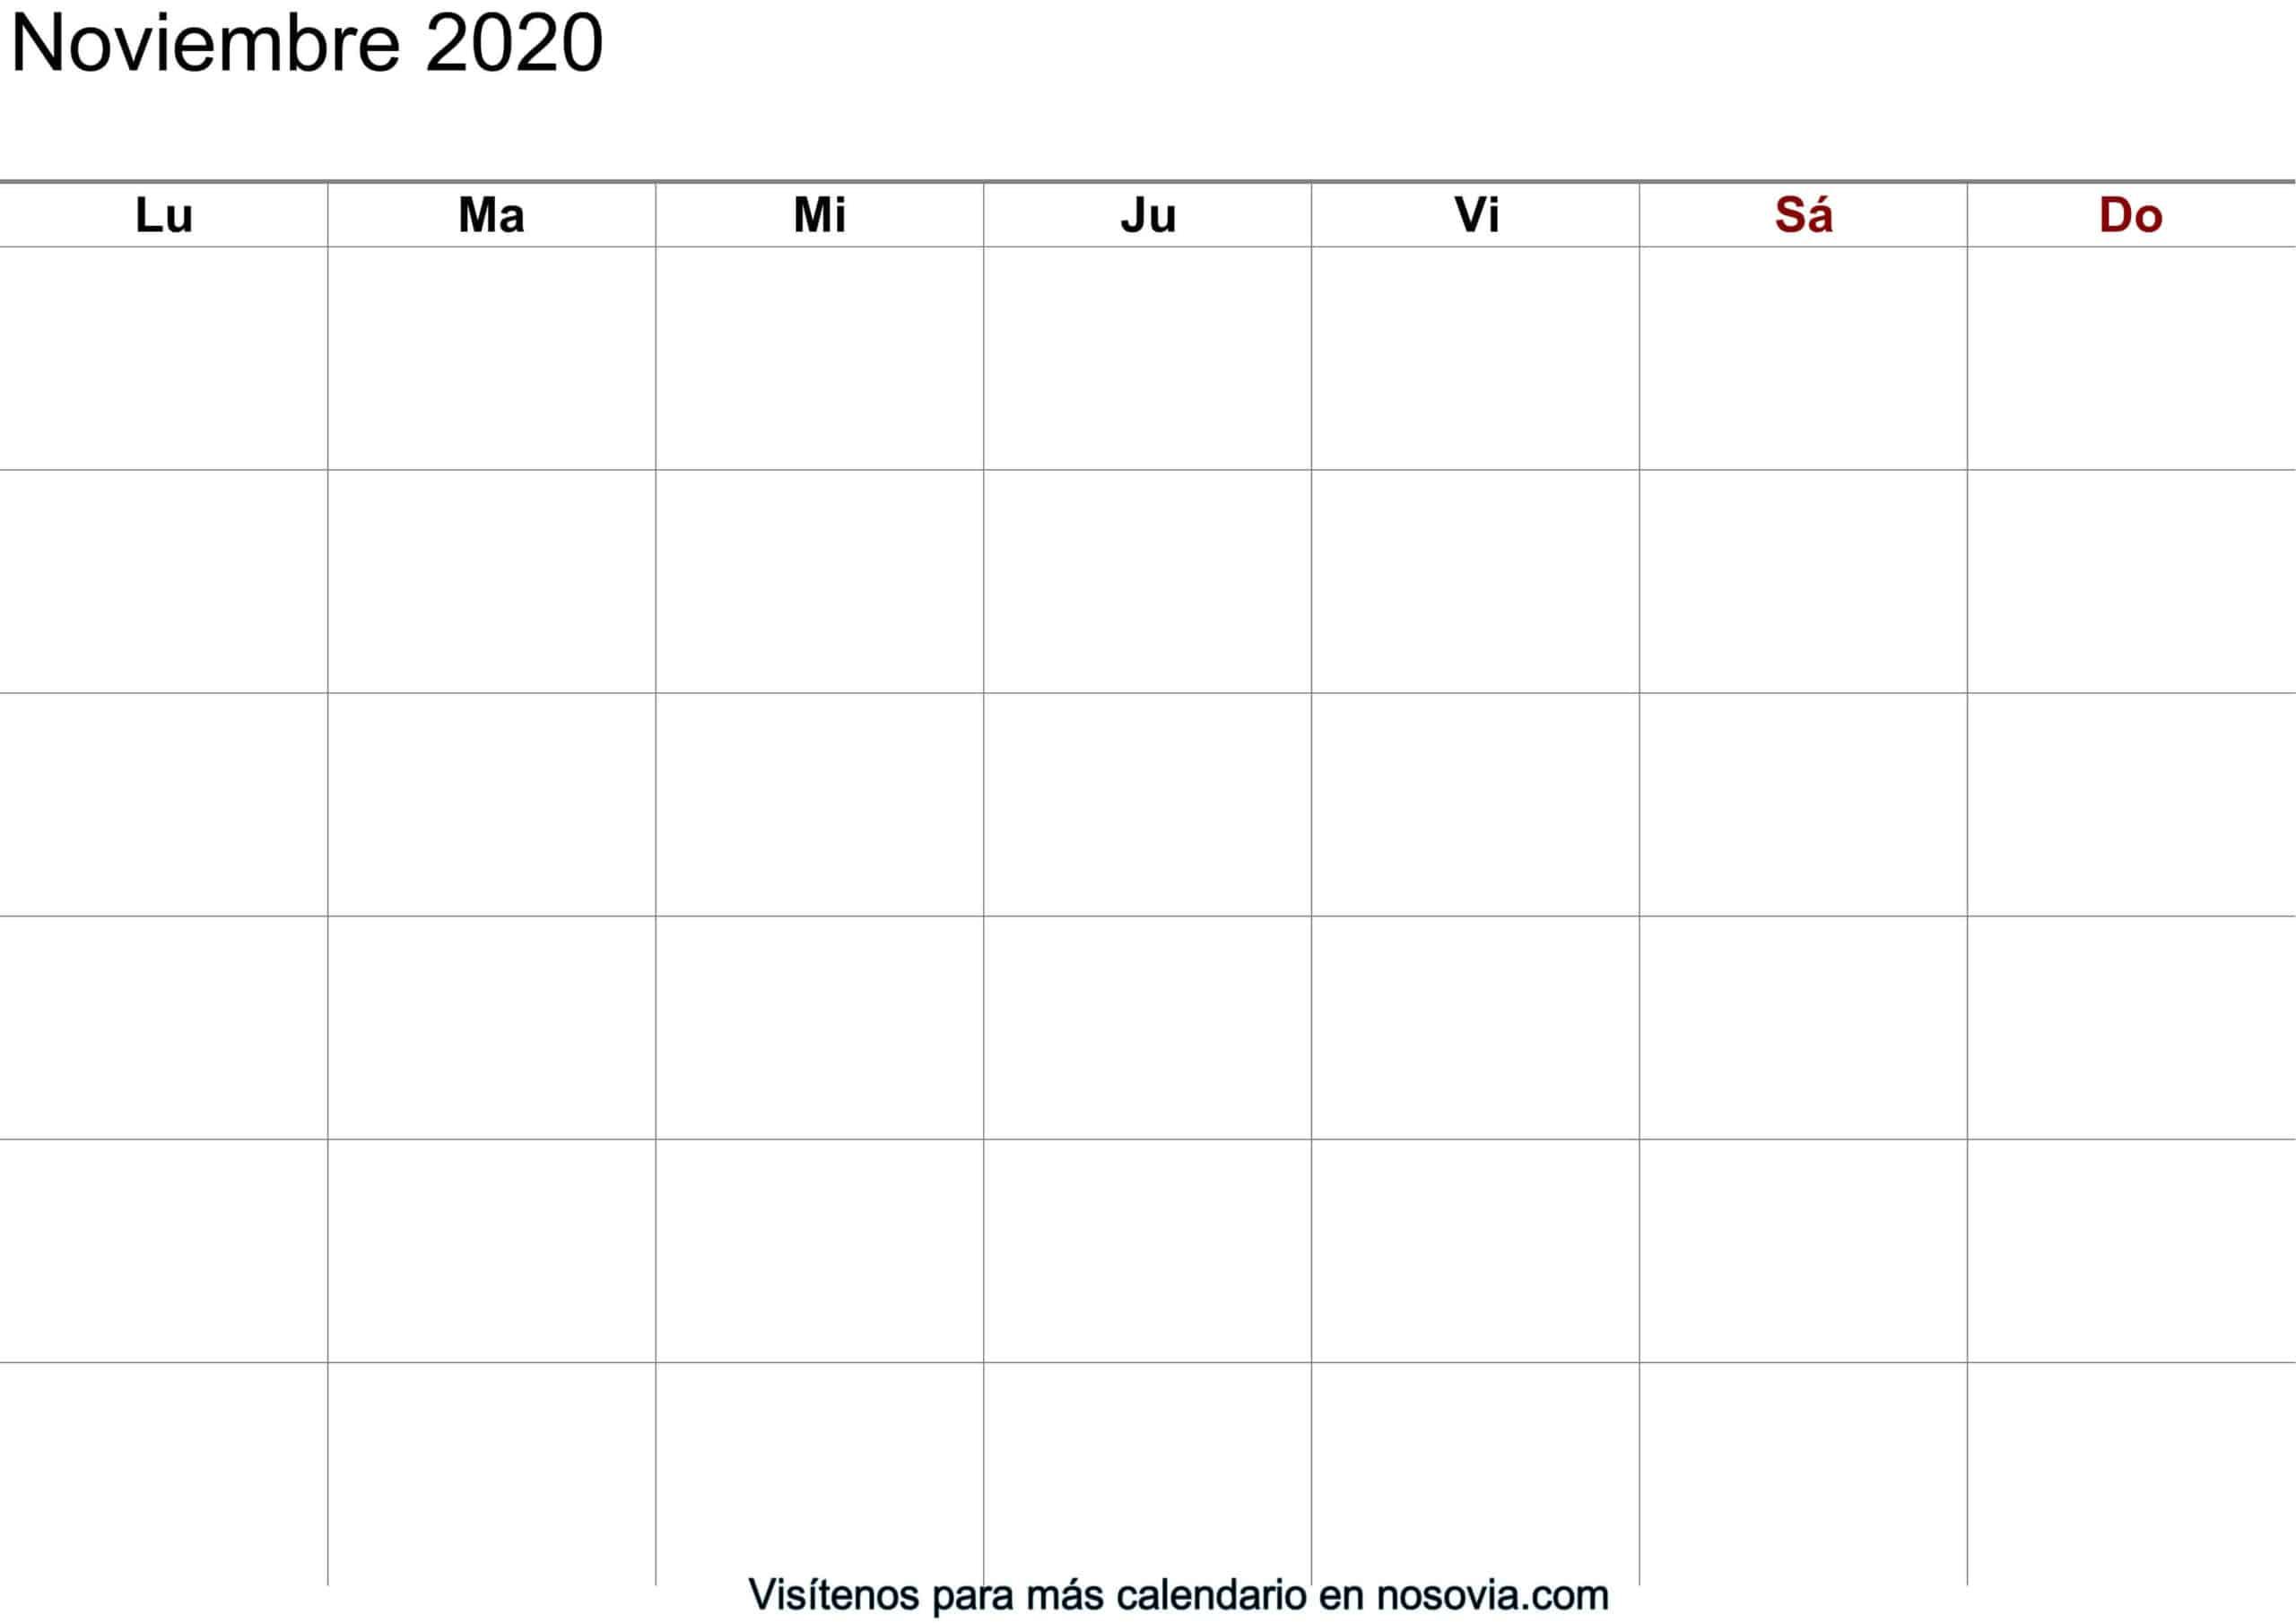 Calendario-noviembre-2020-imágenes-para-imprimir-gratis